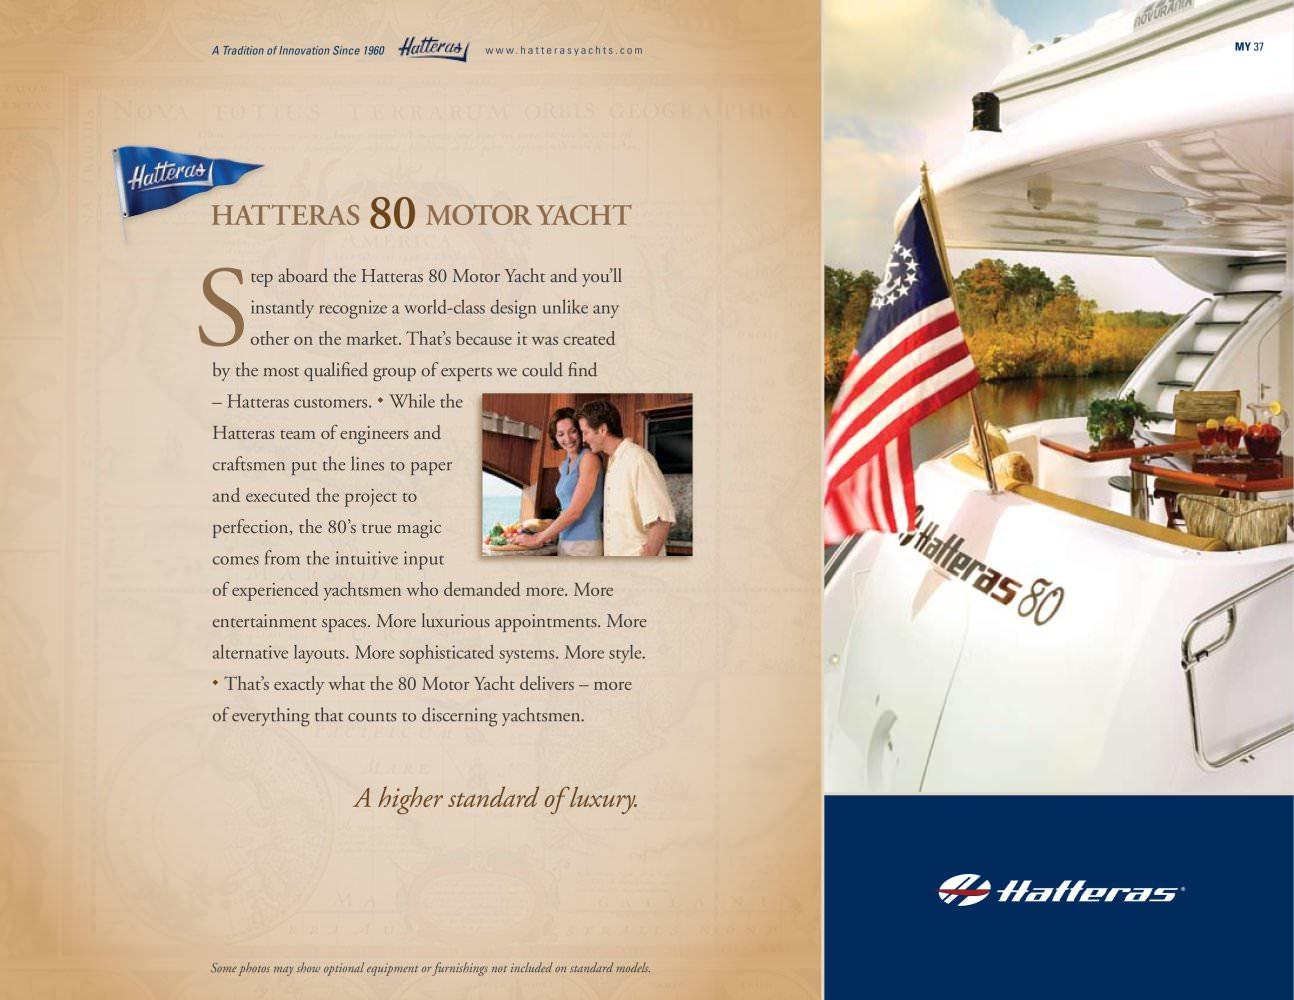 Voir les autres catalogues de la société Hatteras Yachts